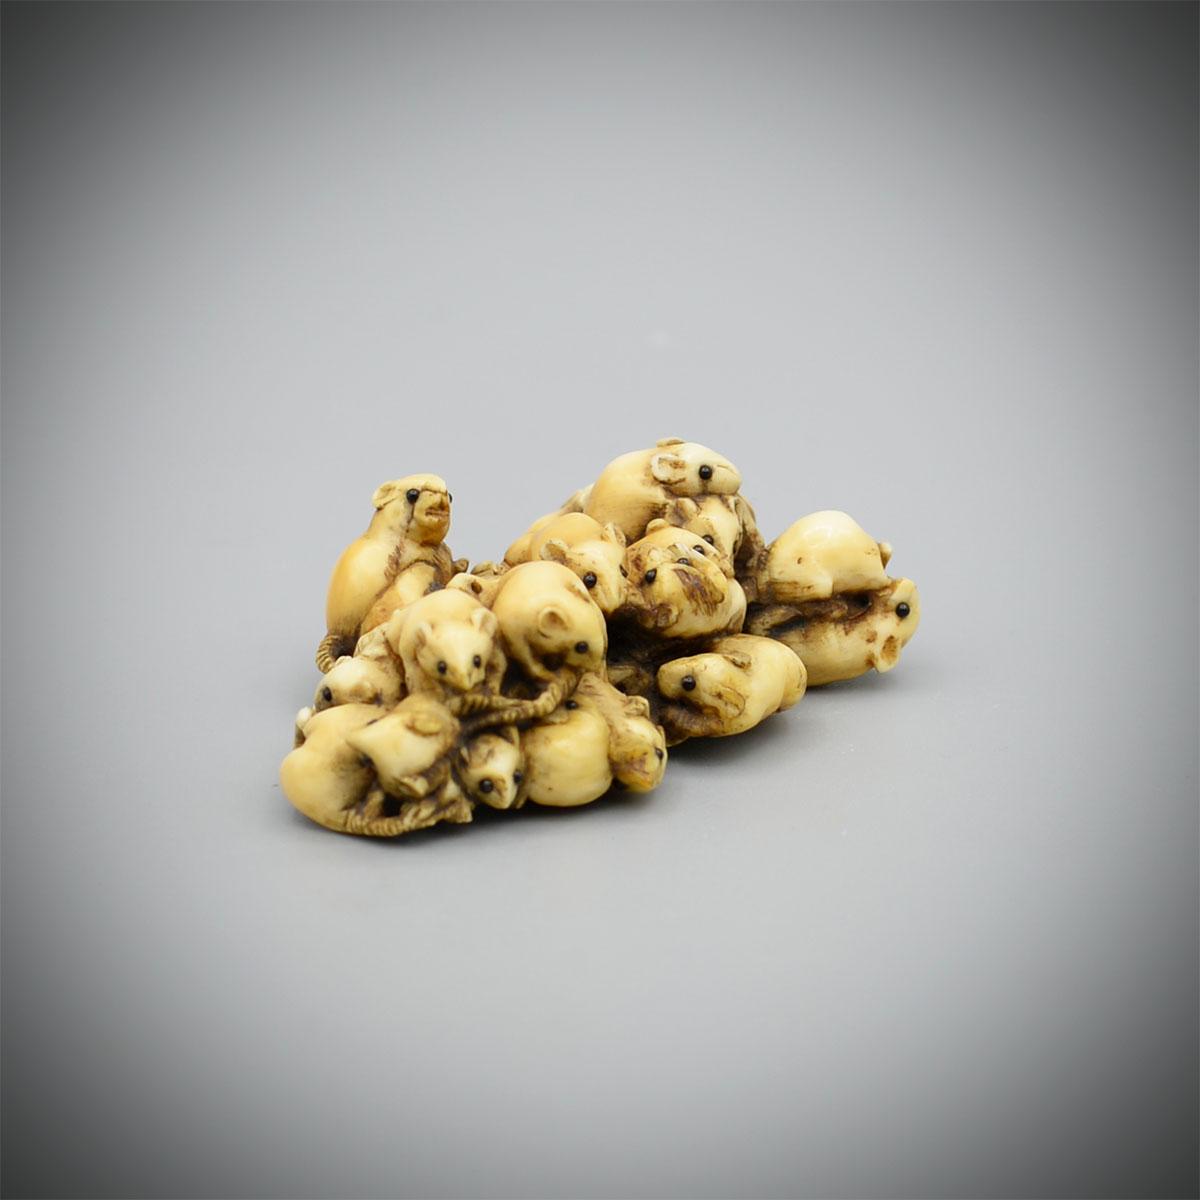 Masamitsu ivory netsuke of mice MR3231